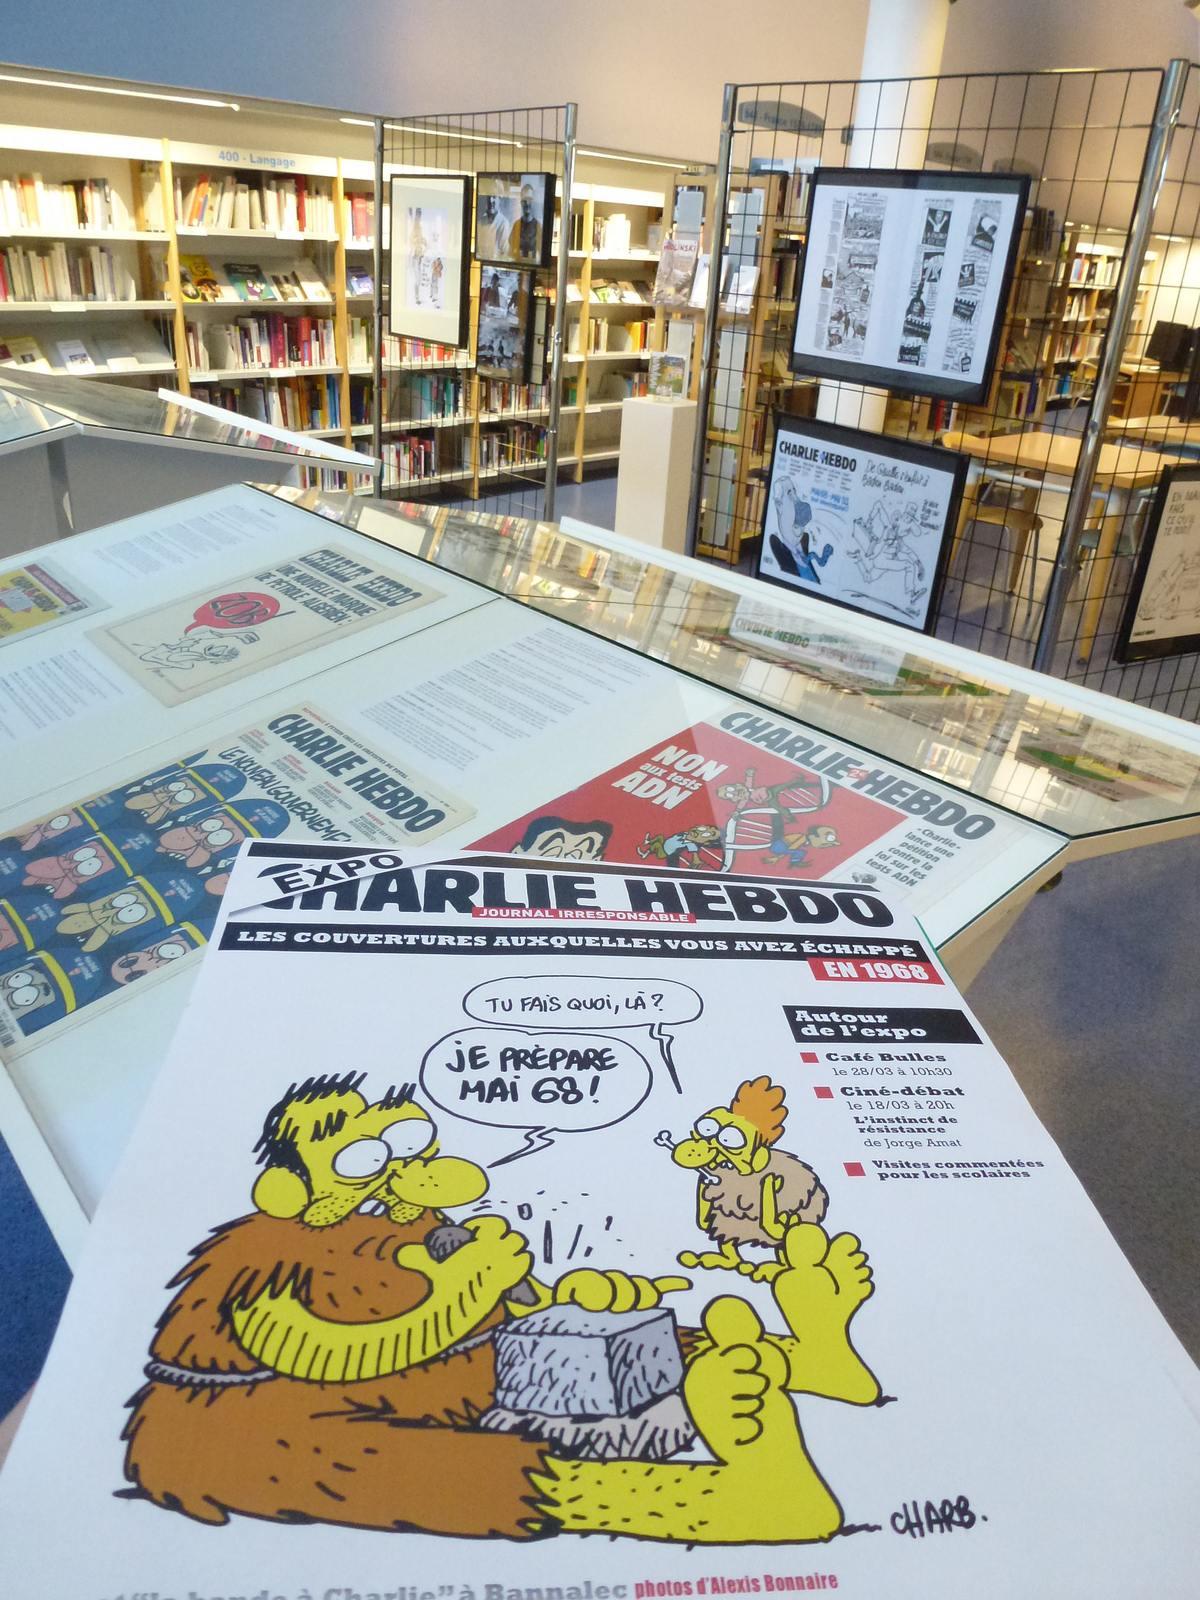 charlie hebdo exhibit15 Exhibition Charlie Hebdo at Quimperle